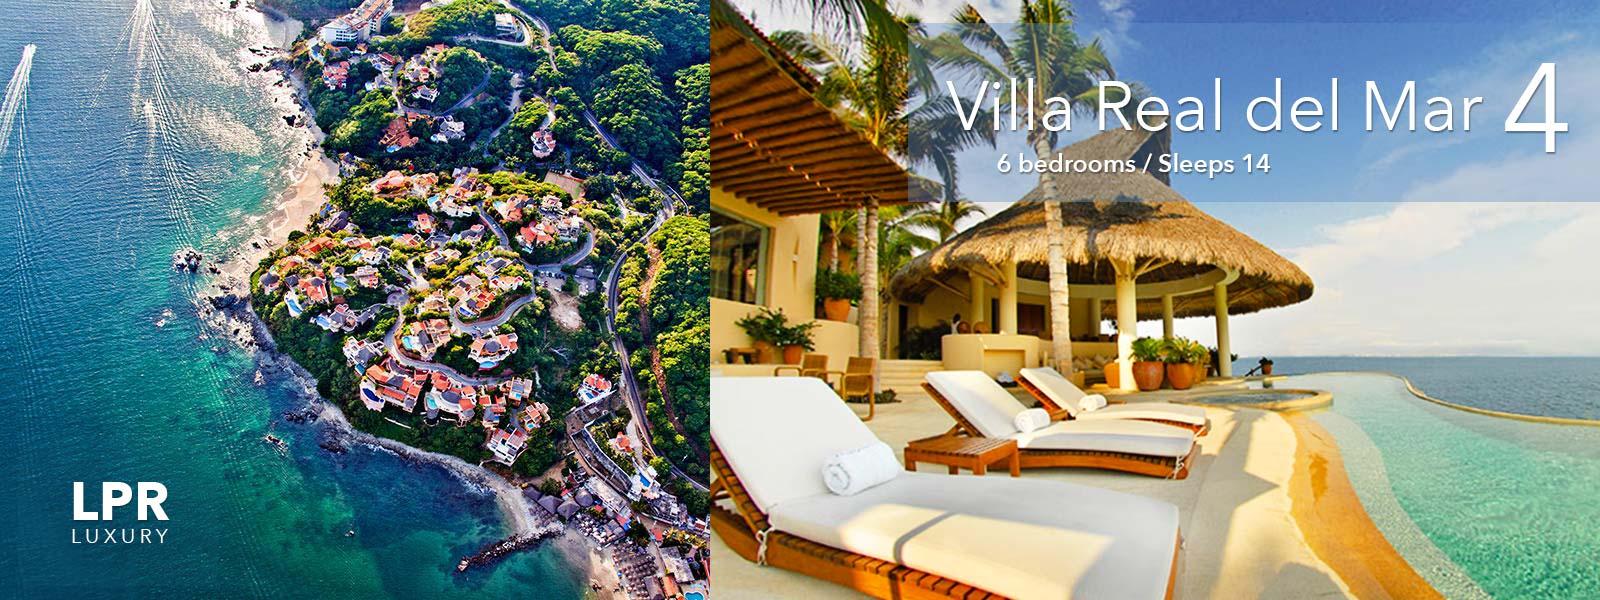 Villa Real del Mar 4 - Luxury Punta de Mita Vacation rental villa for sale - Puerto Vallarta, Mexico